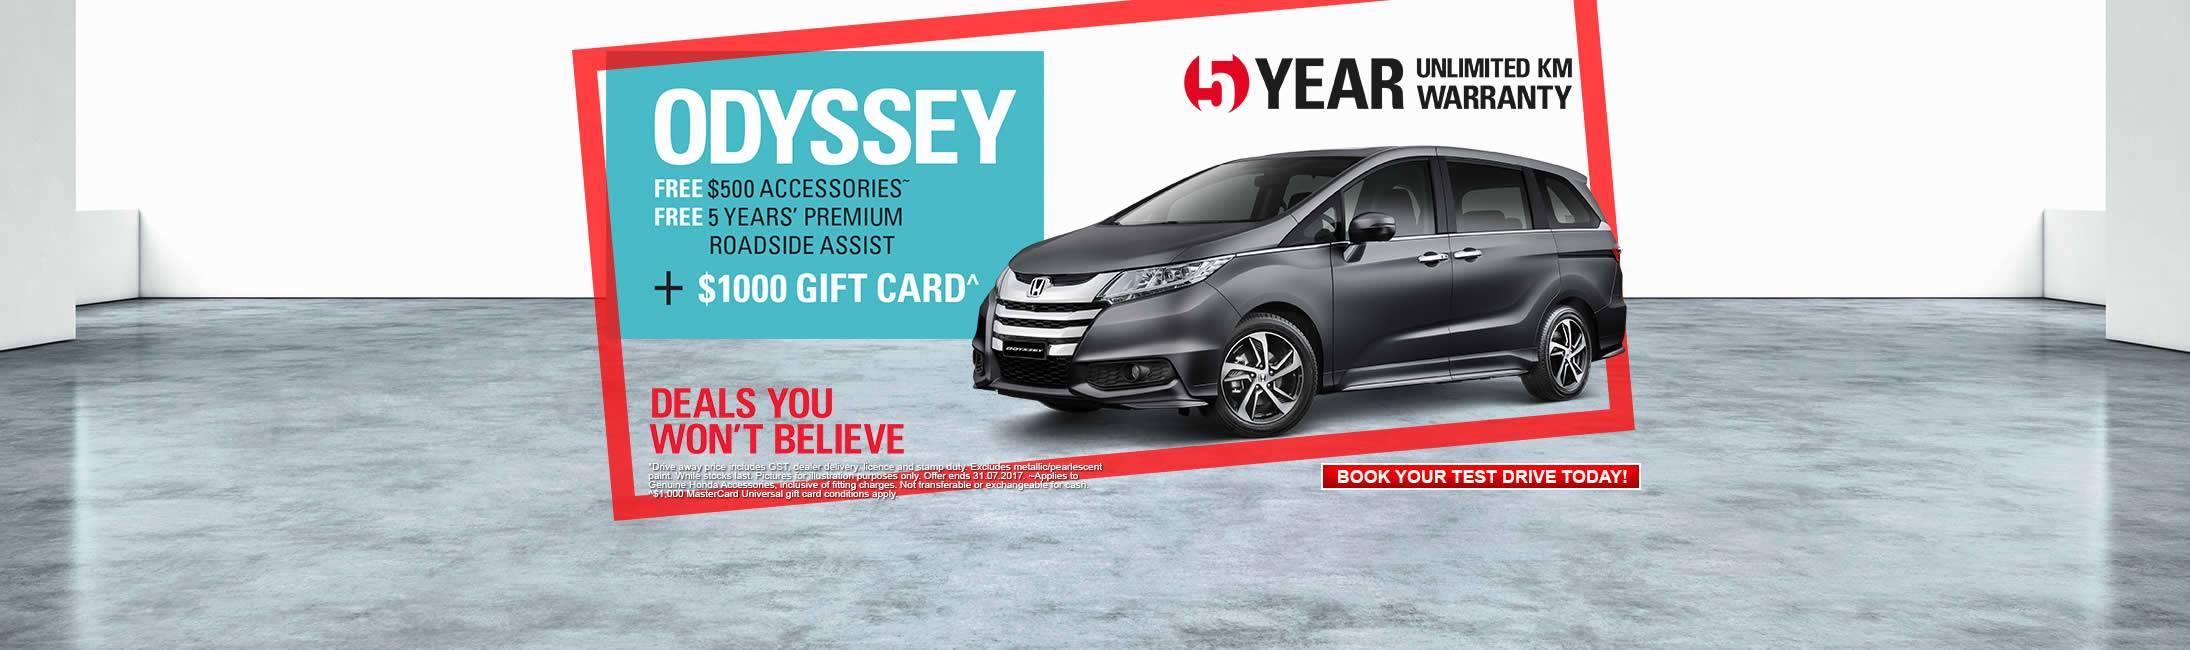 Honda North ODYSSEY